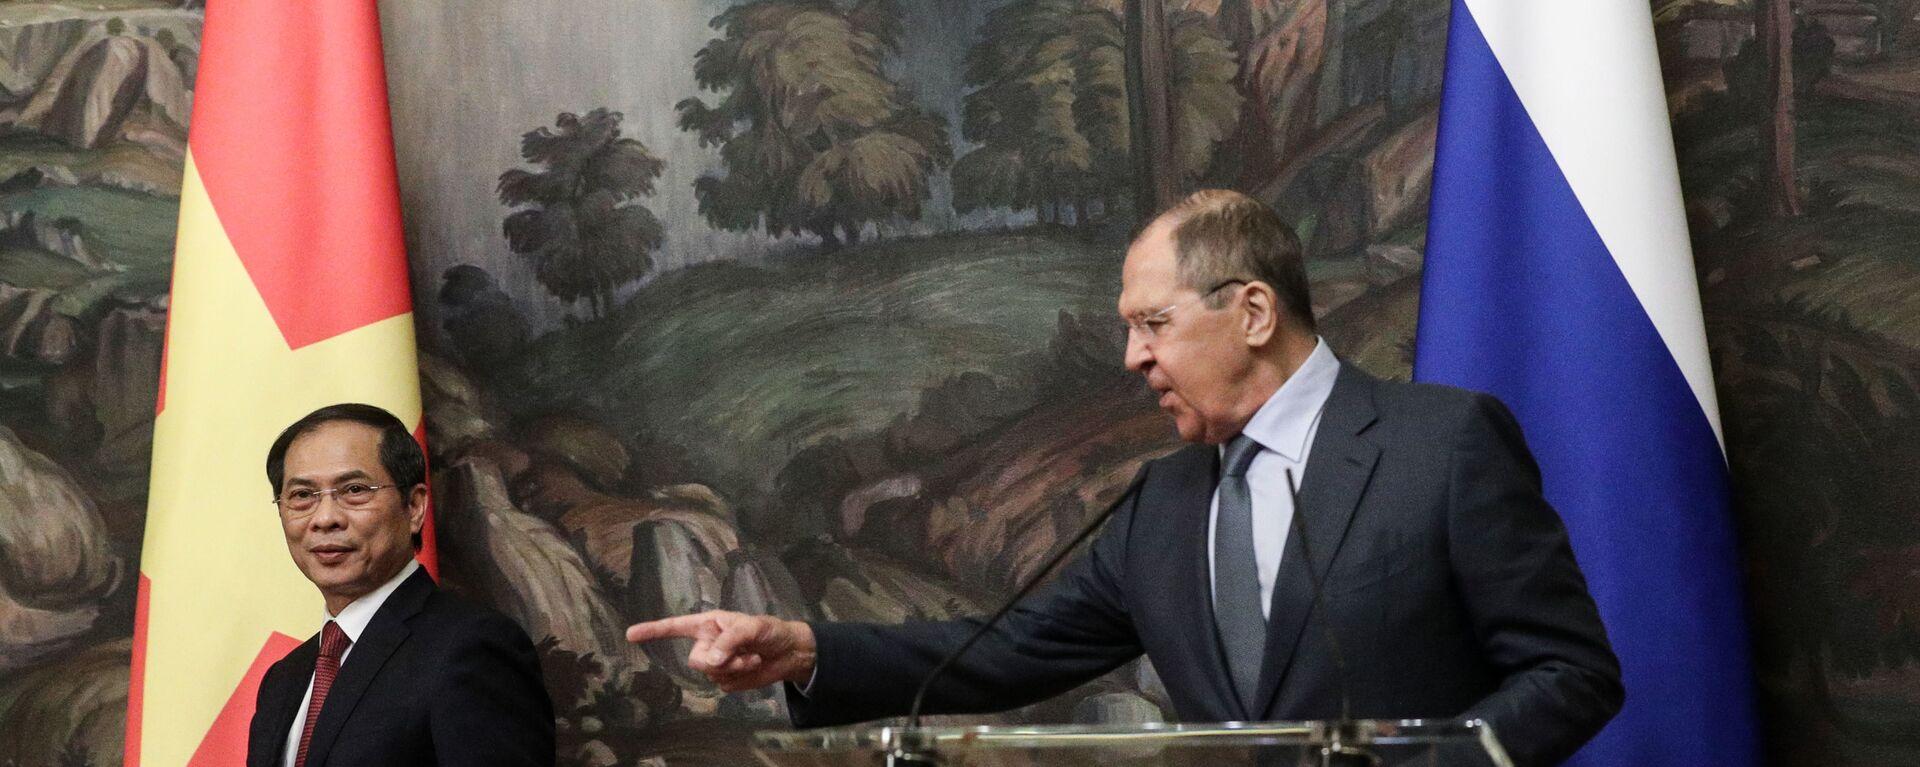 Cuộc họp báo của Bộ trưởng Ngoại giao Liên bang Nga Sergei Lavrov và Bộ trưởng Ngoại giao Việt Nam Bùi Thanh Sơn - Sputnik Việt Nam, 1920, 28.09.2021